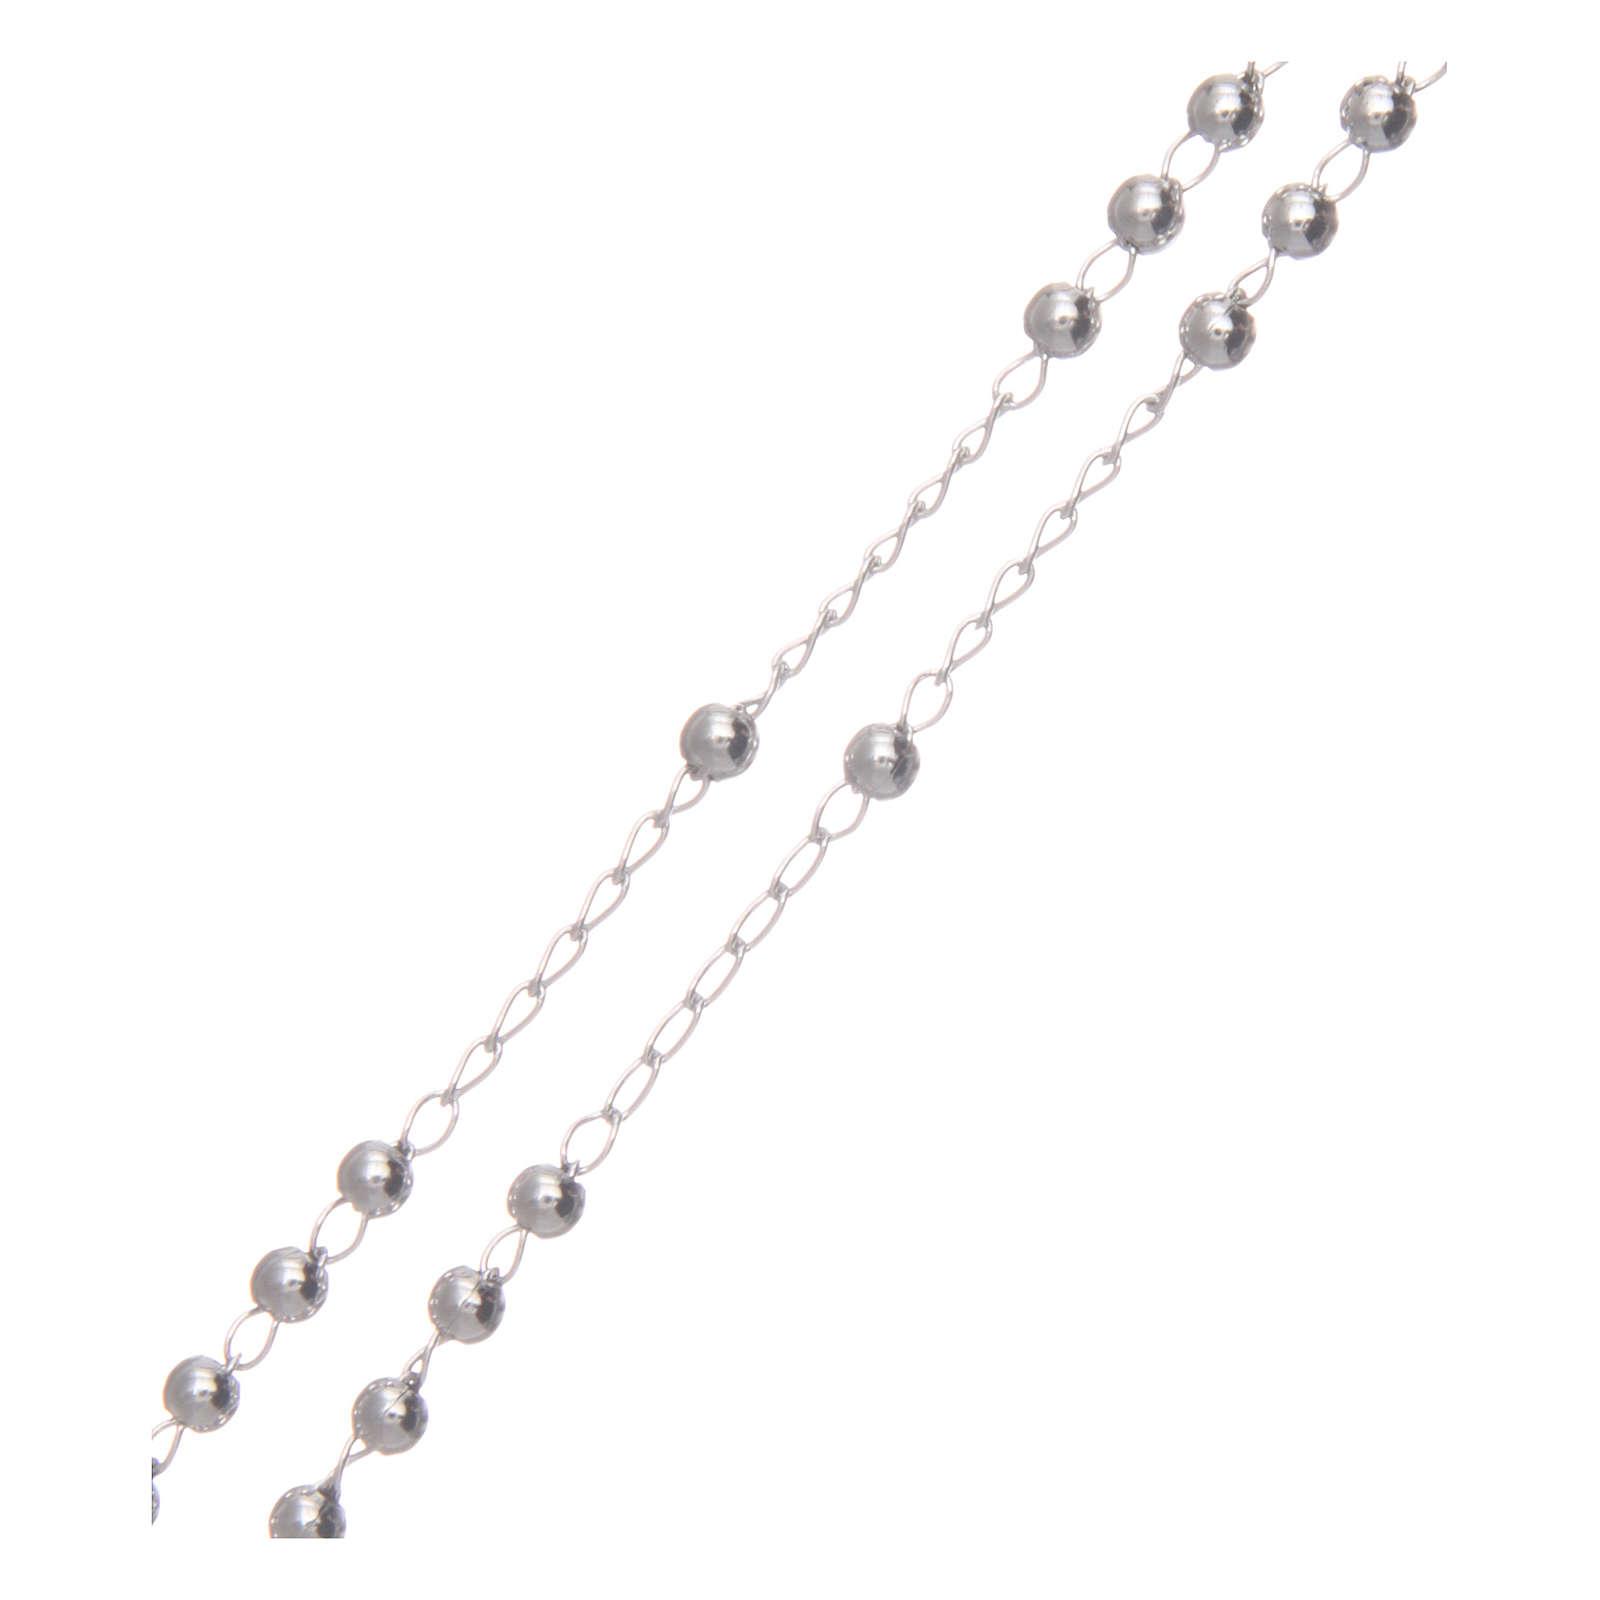 Collar Rosario AMEN clásico 3 mm plata 925 acabado en Rodio 4